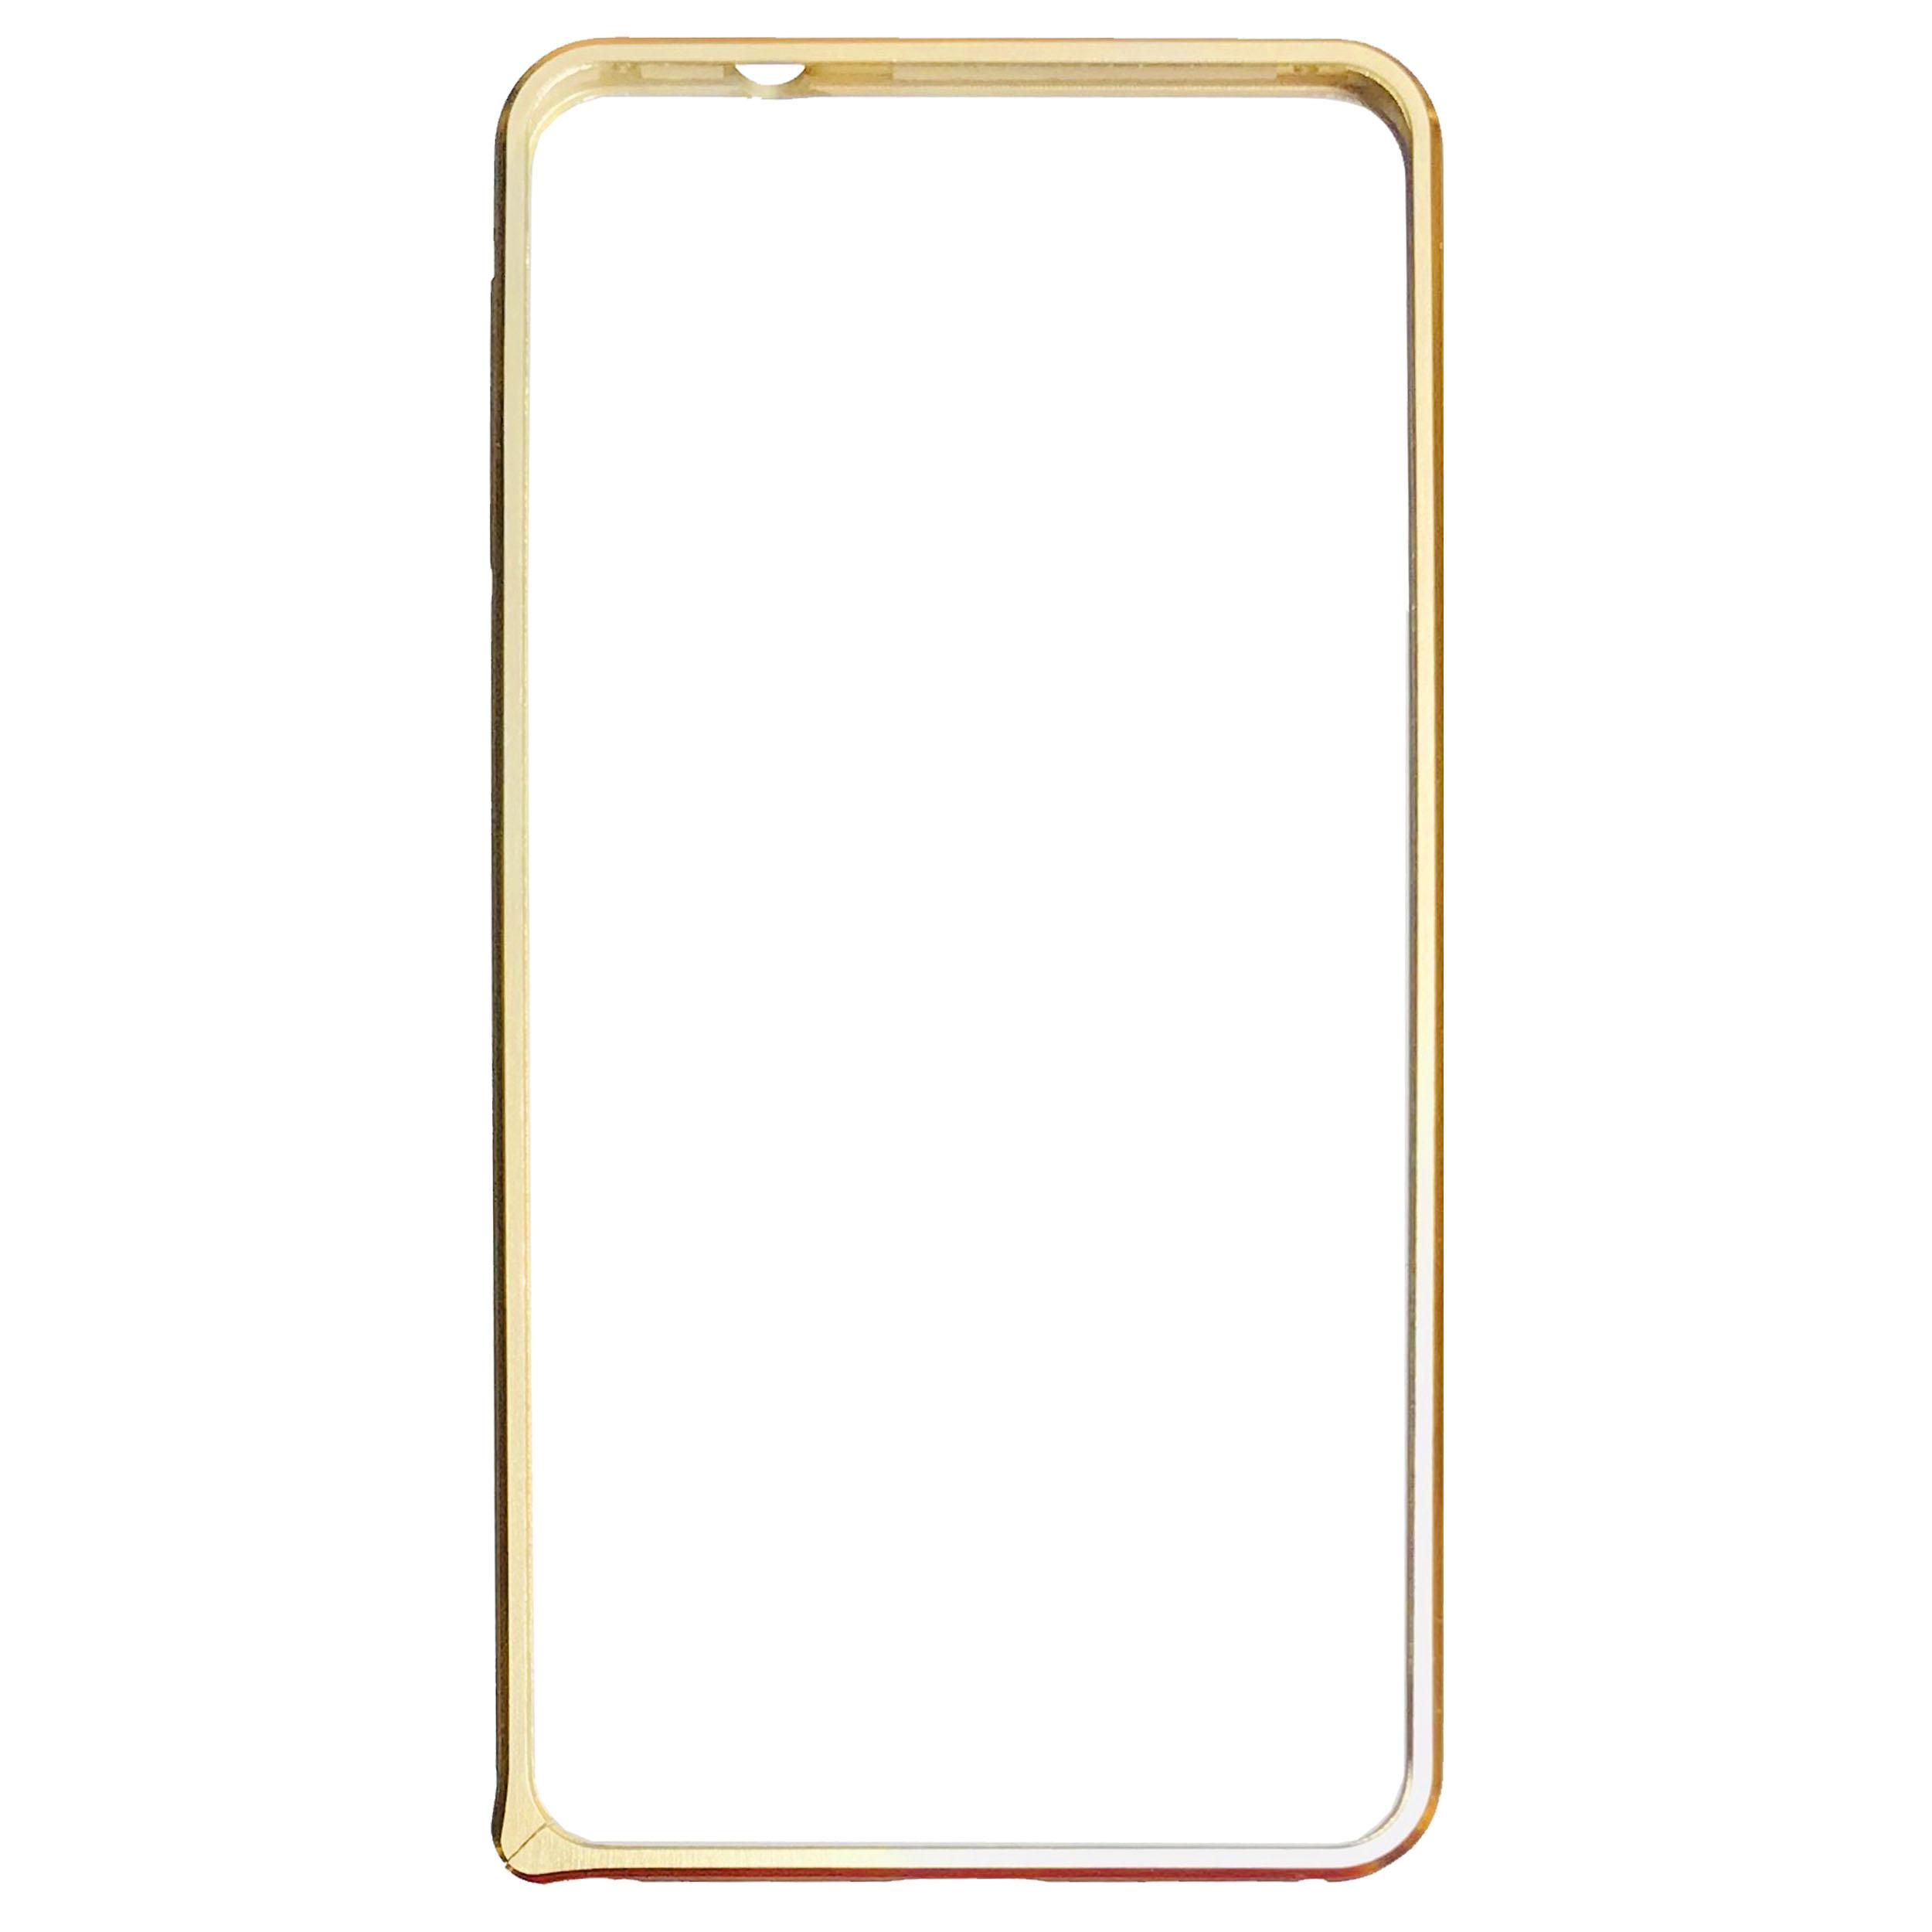 بامپر ام تی چهار مدل AS116051004 مناسب برای گوشی موبایل سامسونگ 2015 Galaxy A3